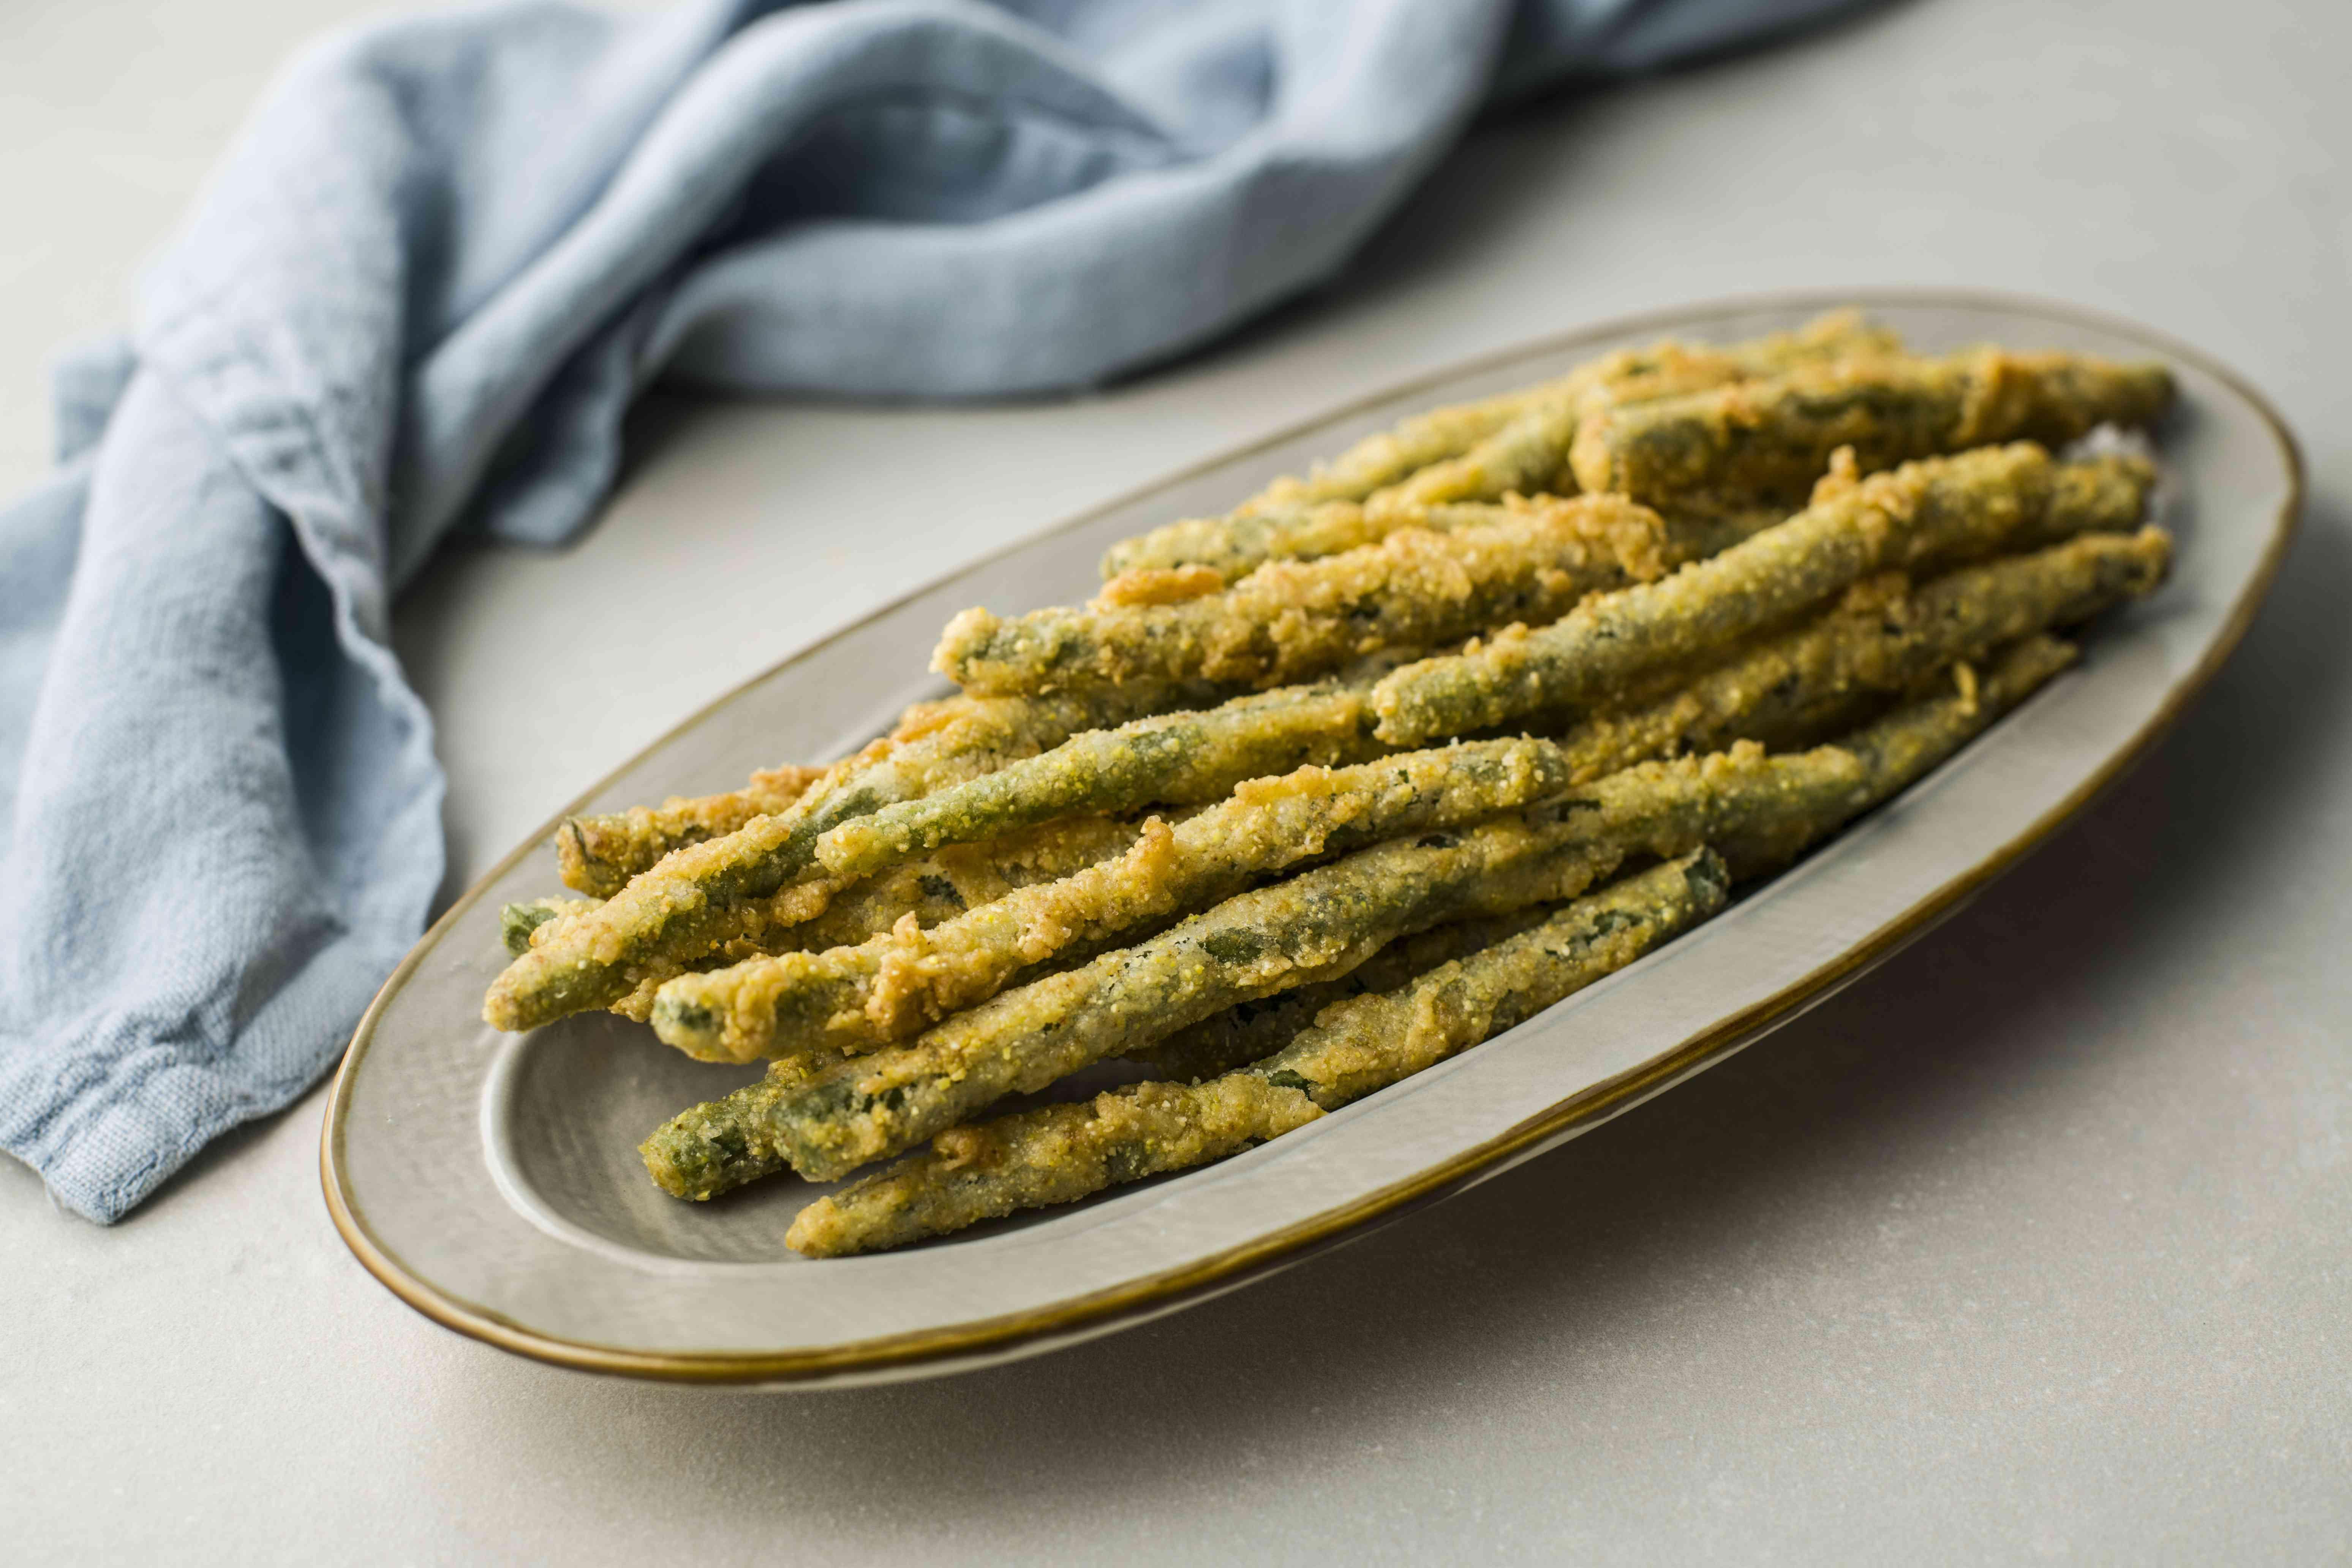 Buttermilk fried green beans